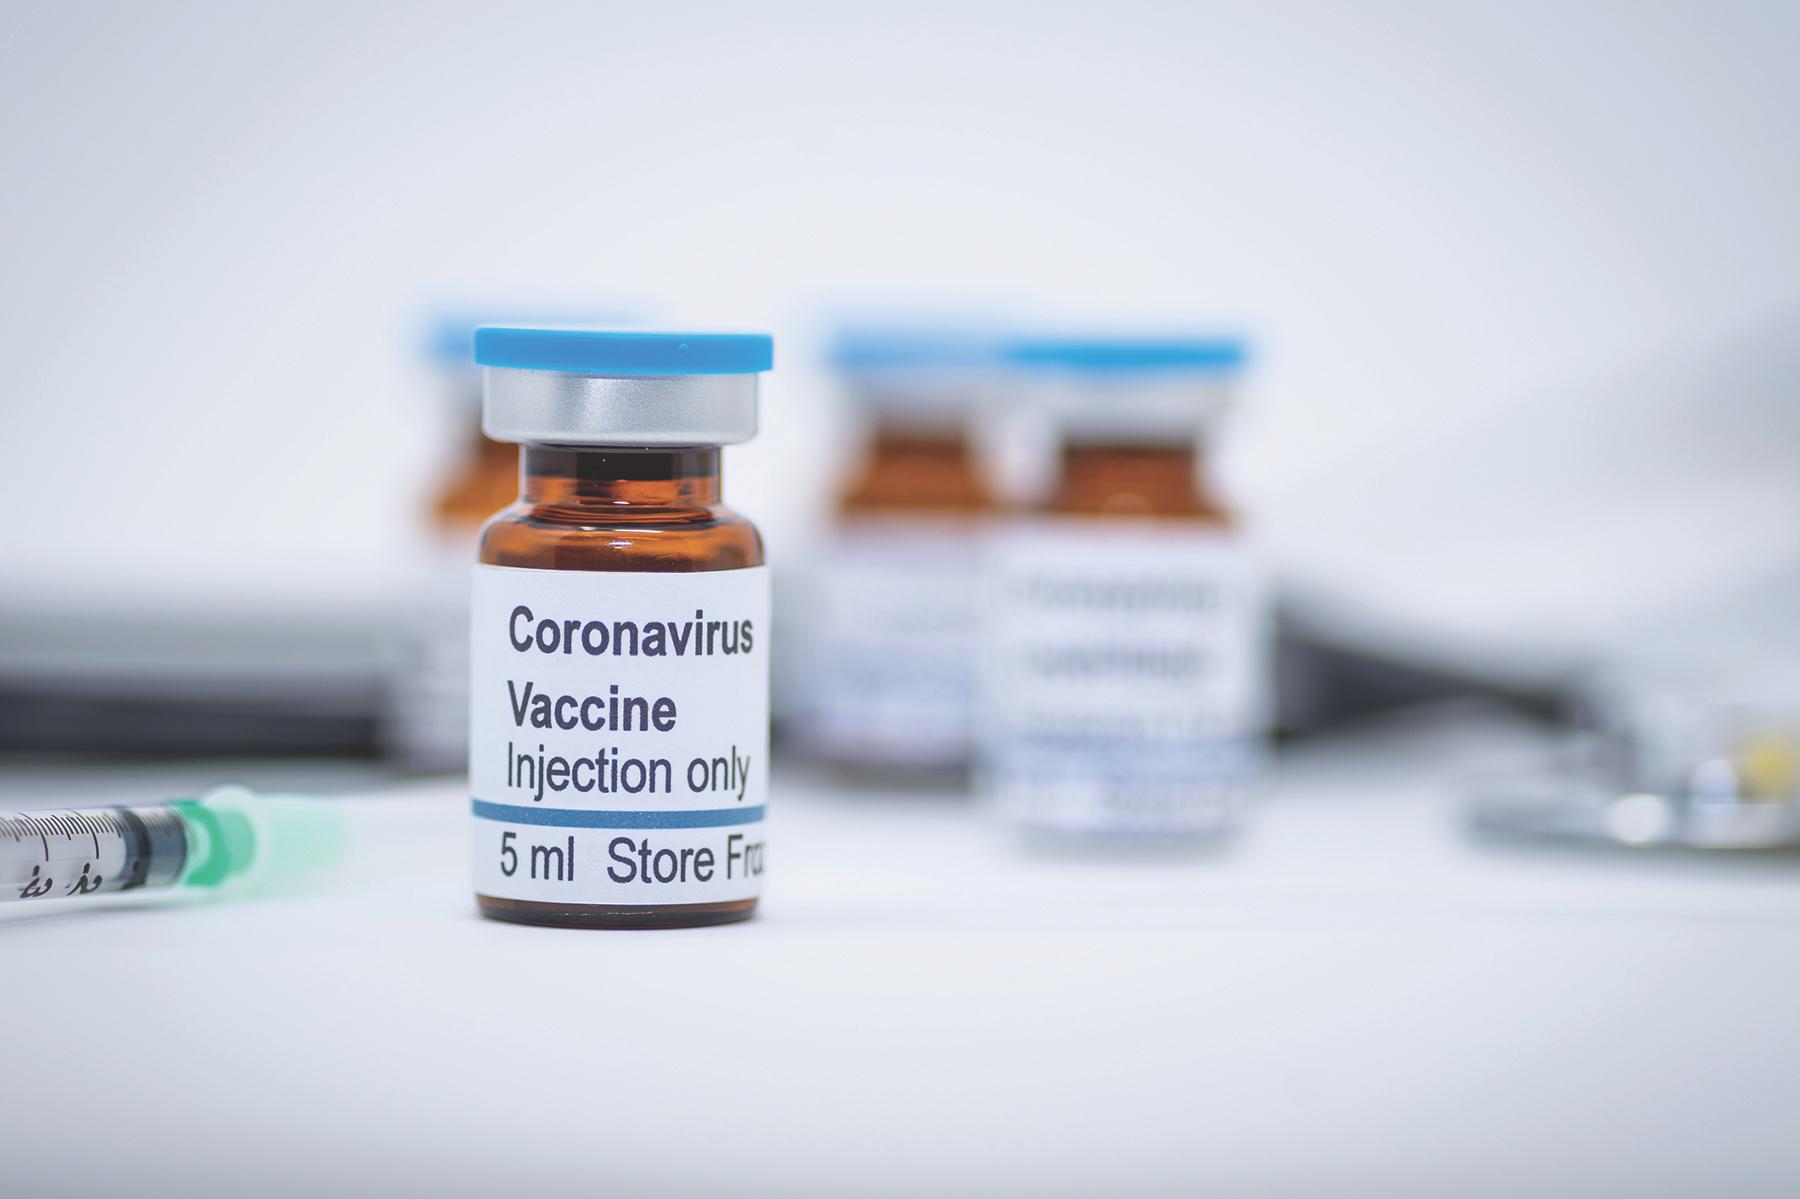 Вакцина от коронавируса, интерпретация фотографа.